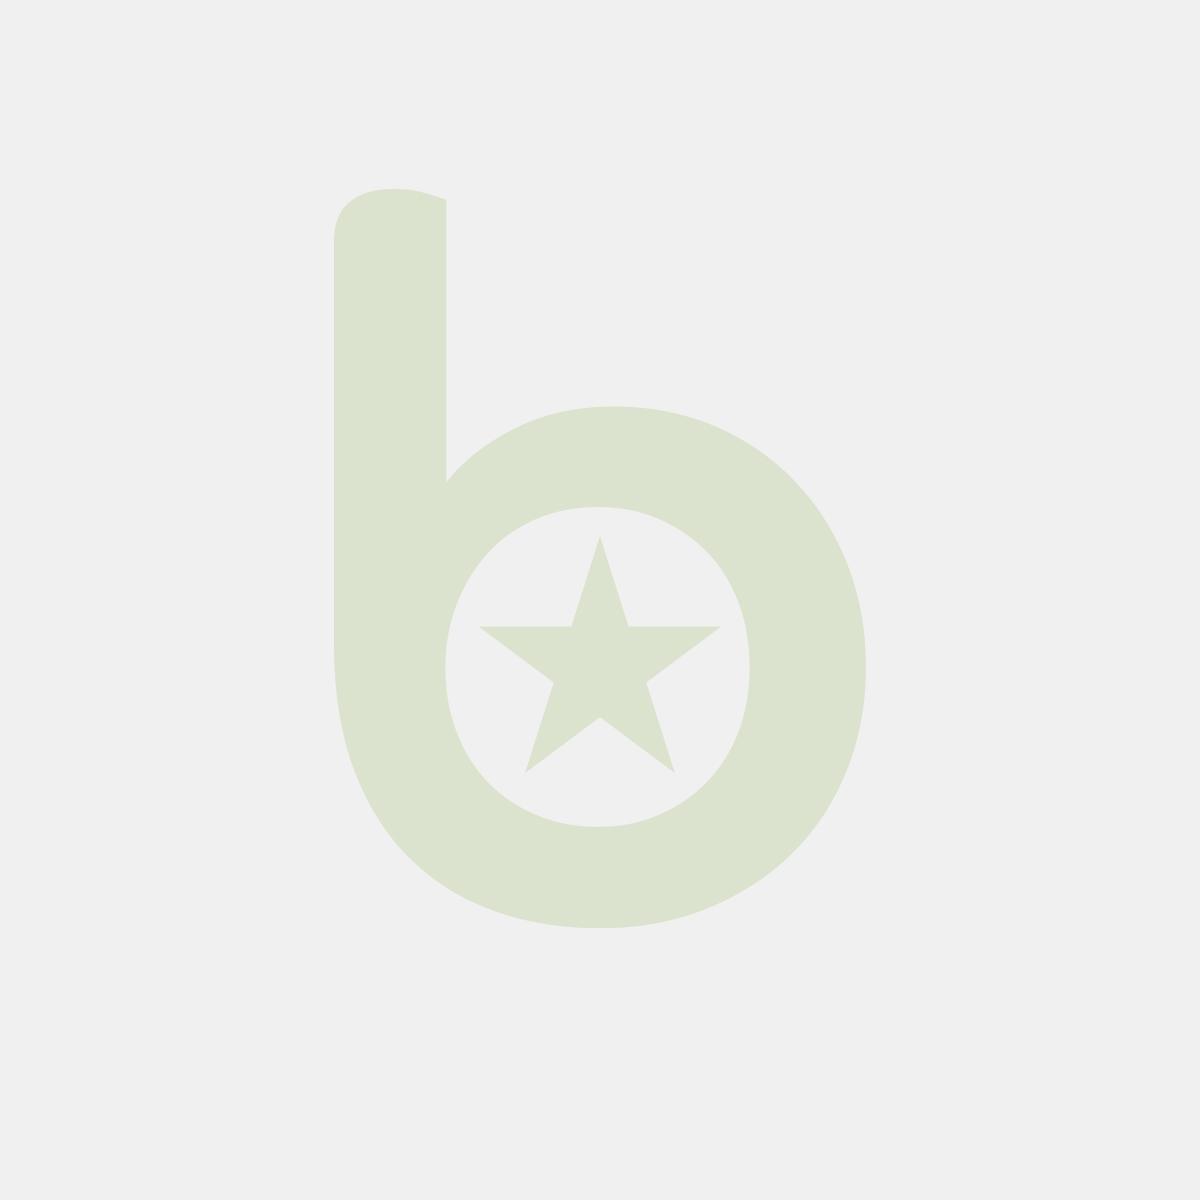 Haczyki Command™ (17040 PL), do ramek z uchwytem, 1 haczyk i 2 duże paski, białe